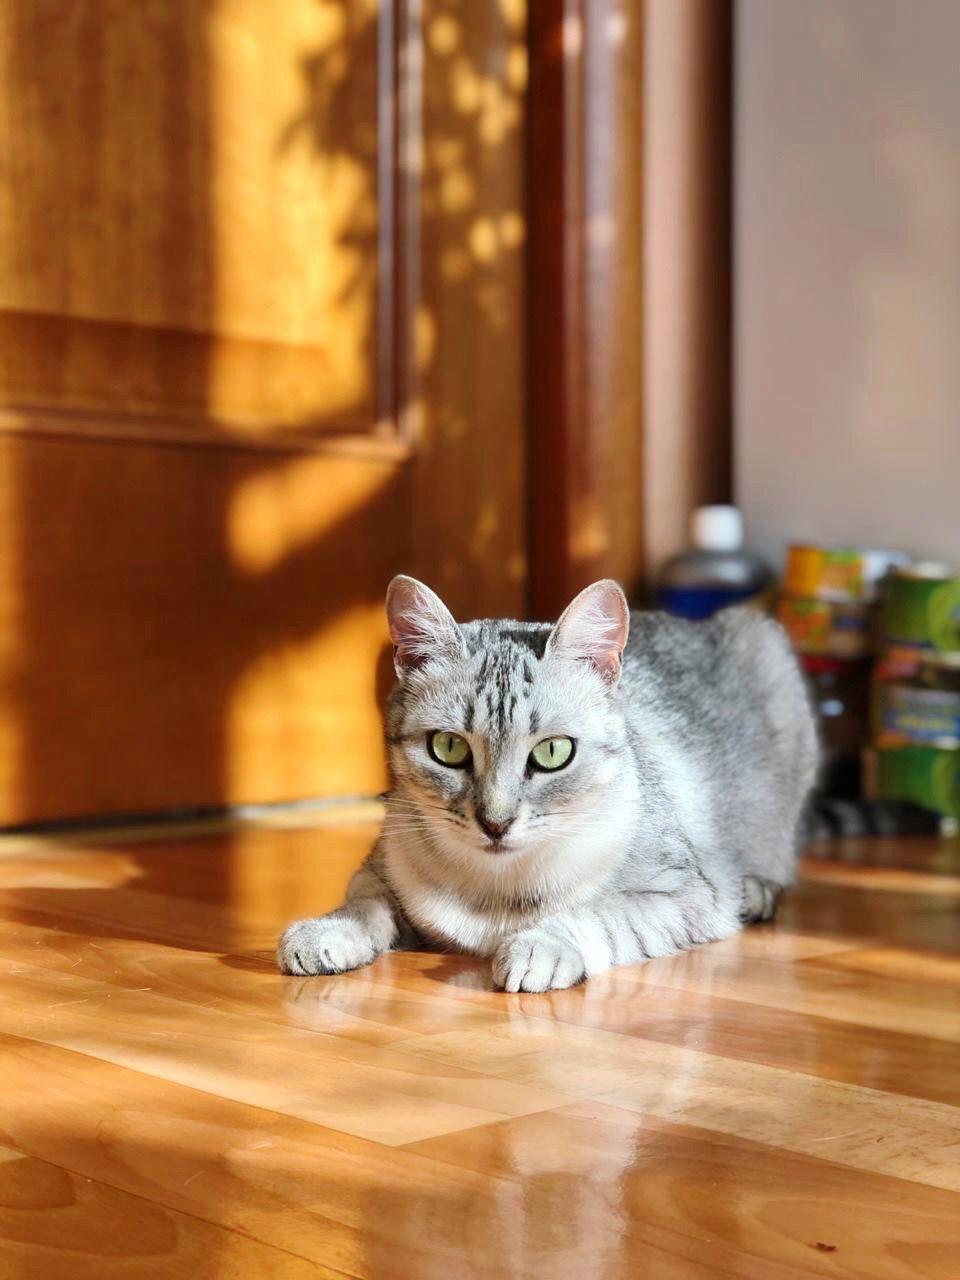 PORTRAIT OF CAT SITTING ON HARDWOOD FLOOR IN ROOM